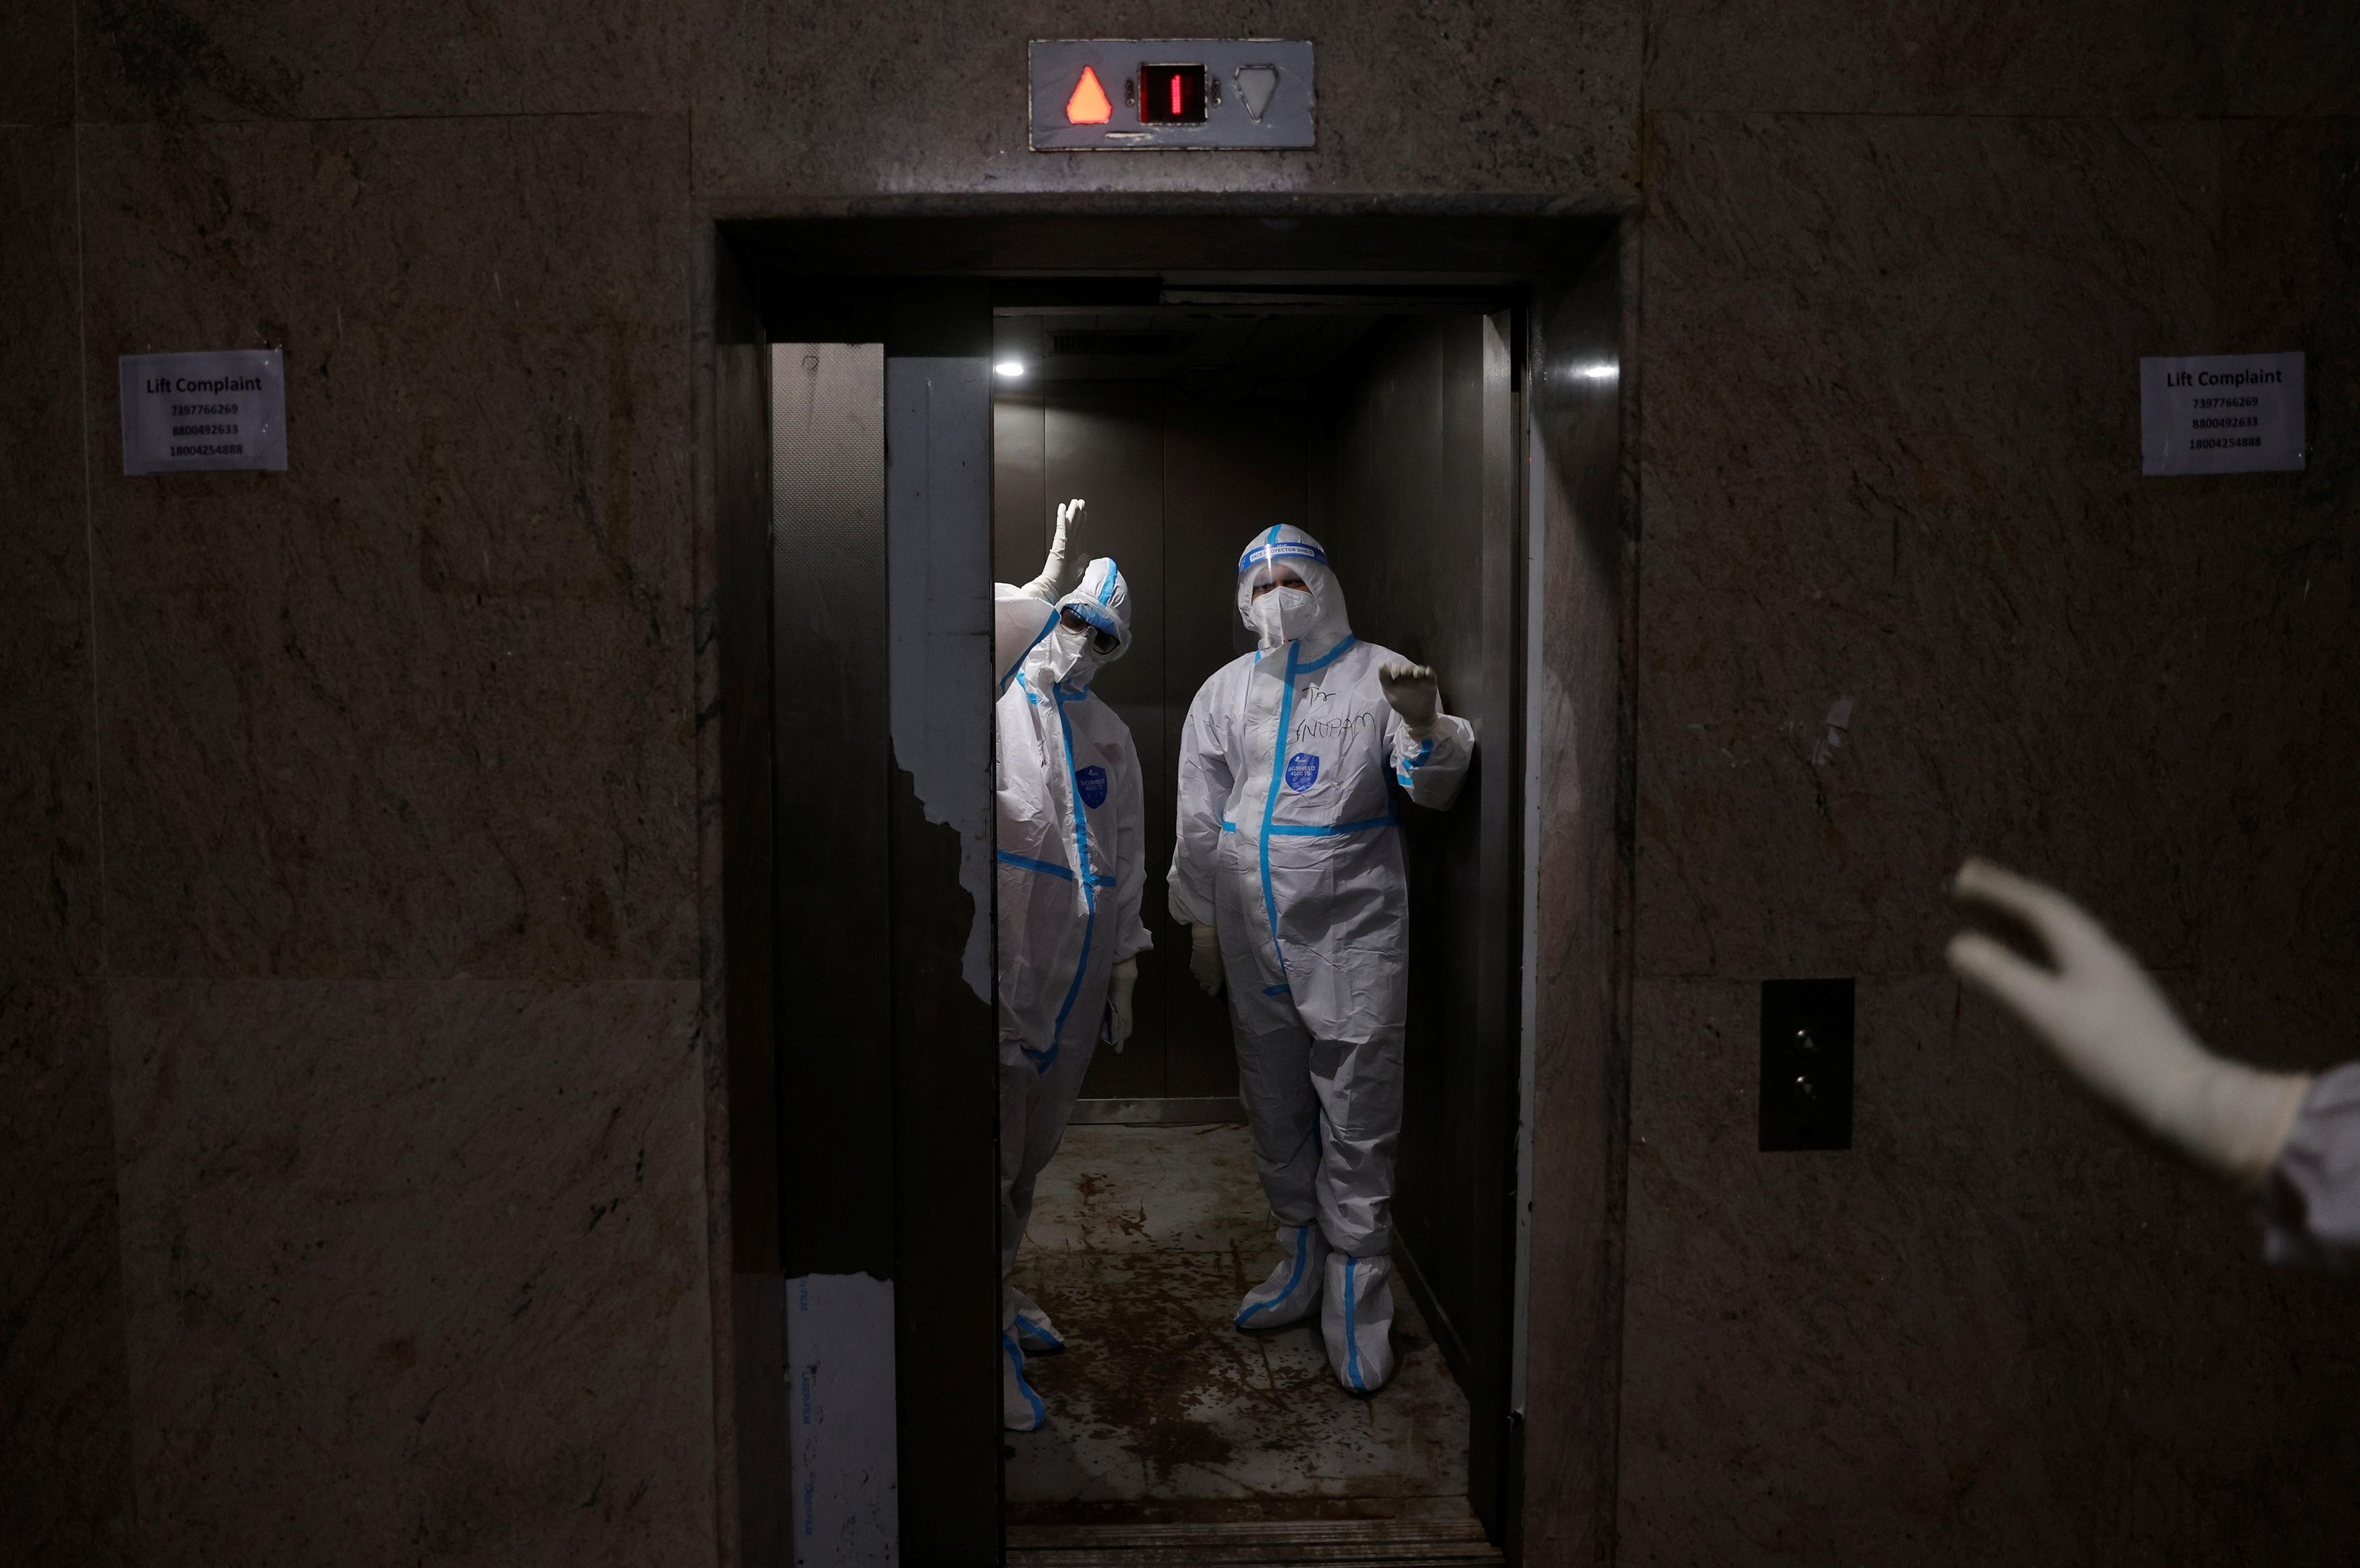 เจ้าหน้าที่ทางการแพทย์โบกมือให้เพื่อนร่วมงานขณะขึ้นลิฟต์ไปยังหอผู้ป่วยหนัก (ICU) สำหรับผู้ป่วยโรคโคโรนาไวรัส (COVID-19) ที่โรงพยาบาลสถาบันวิทยาศาสตร์การแพทย์ของรัฐบาล (GIMS) ในเกรทเตอร์นอยดาในเขตชานเมือง แห่งนิวเดลีอินเดีย 21 พฤษภาคม 2021 REUTERS / Adnan Abidi